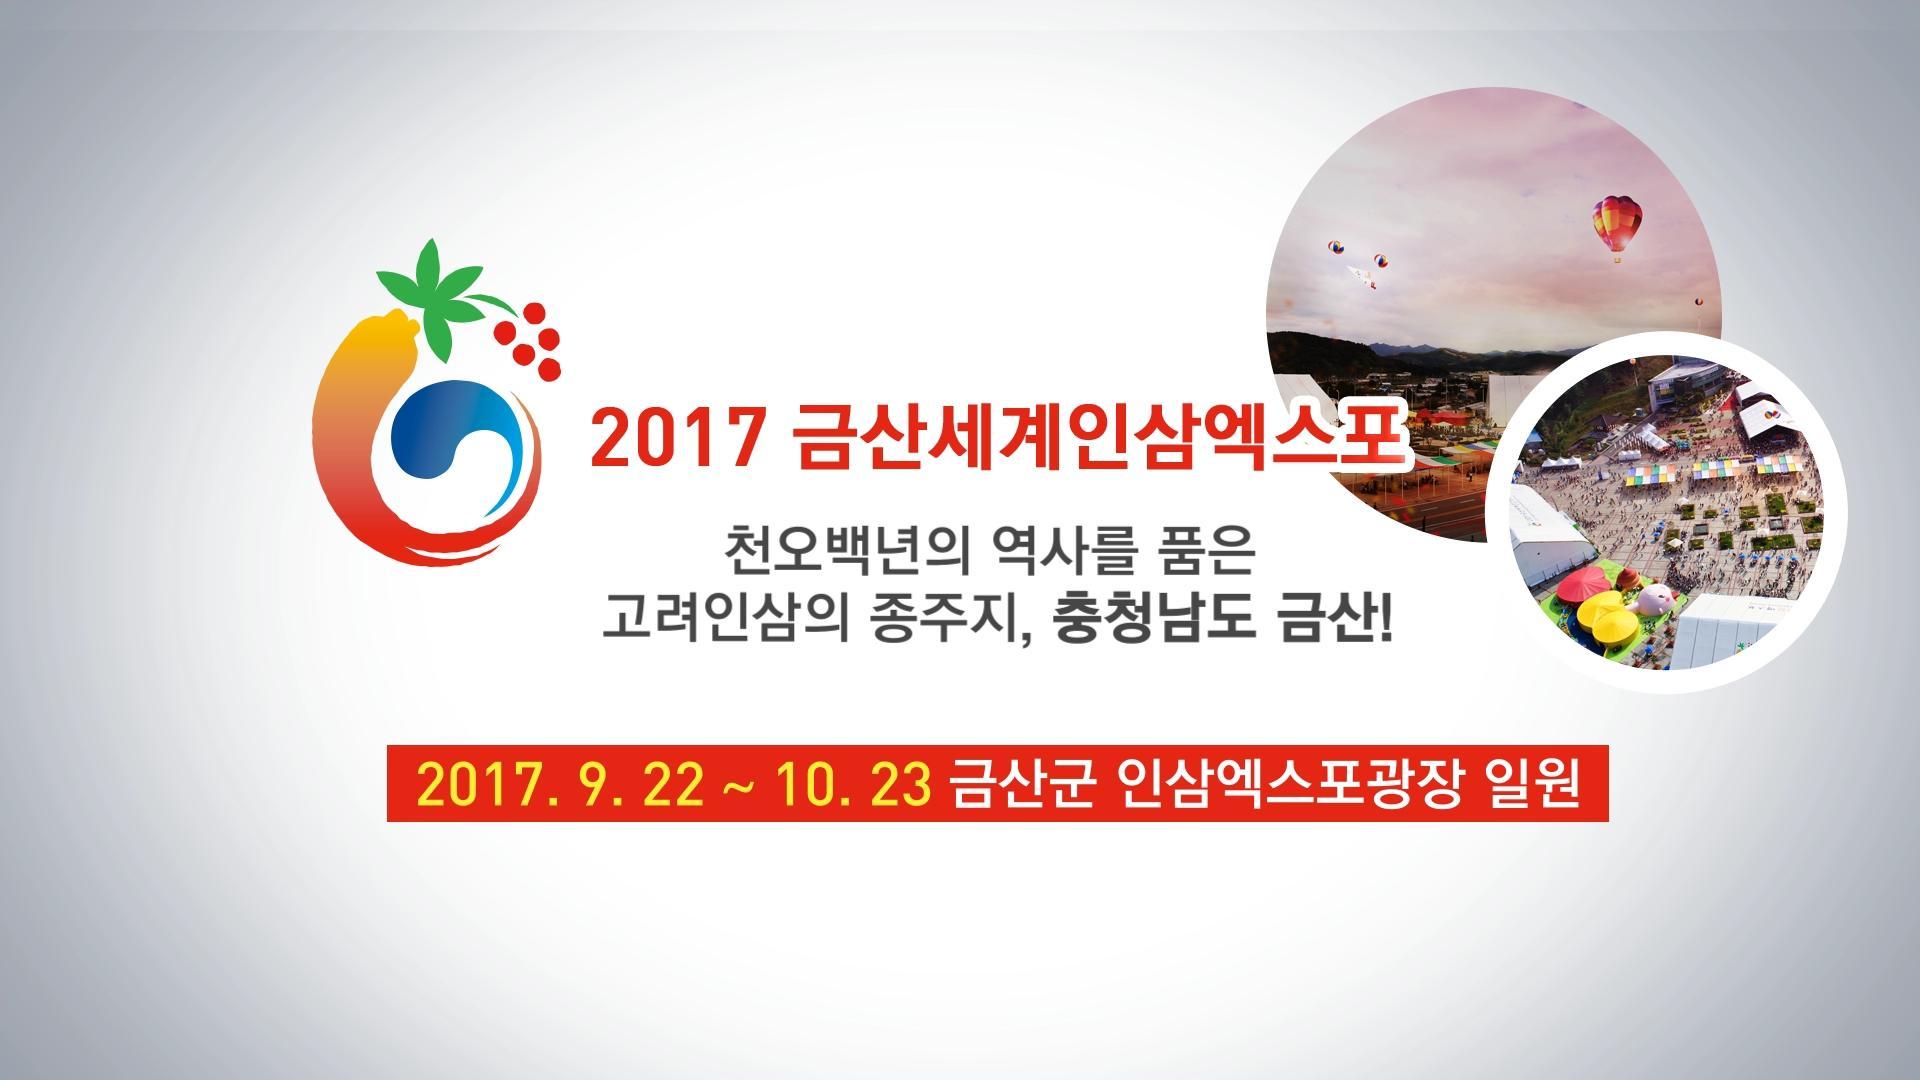 2017년 3농혁신 주요정책 이미지 11